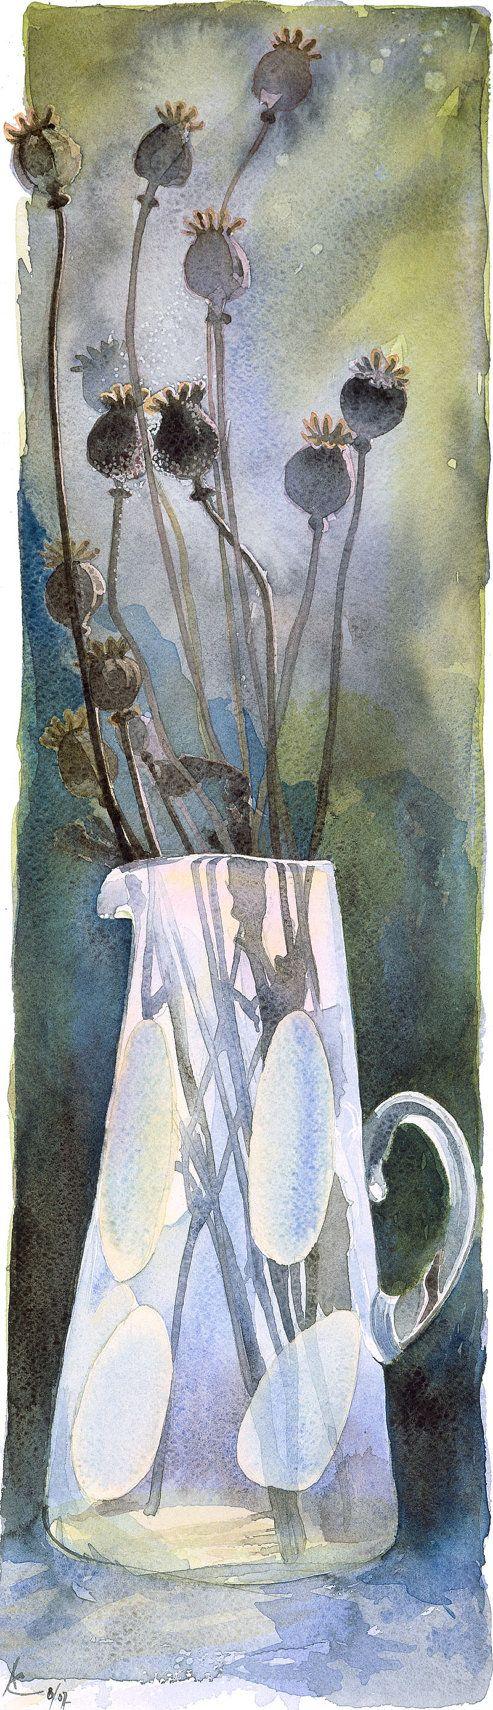 Titel: Mohn Samenköpfe Dies ist eine hochwertige volle Größe Giclee Druck, von einer original-Aquarell Mohn Köpfe in einer Vase. Das